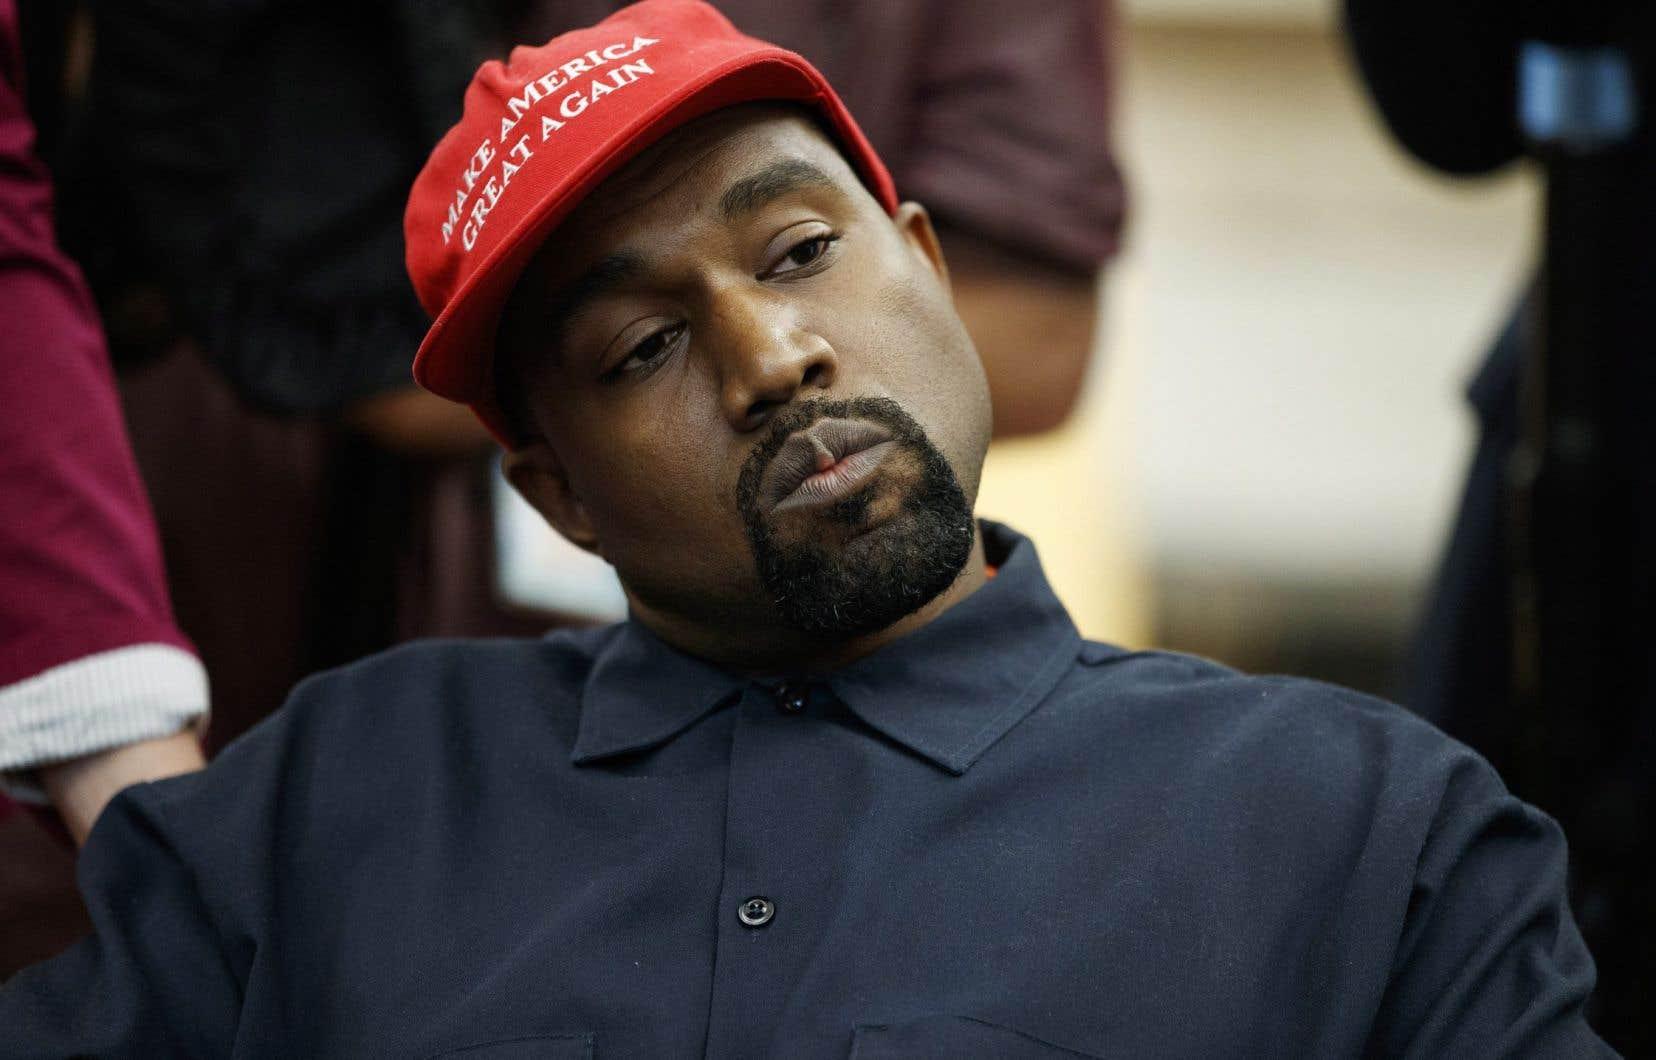 Kanye West a dépassé la date limite pour figurer sur la liste officielle des candidats dans plusieurs États, mais il est inscrit sur celle de l'Oklahoma.